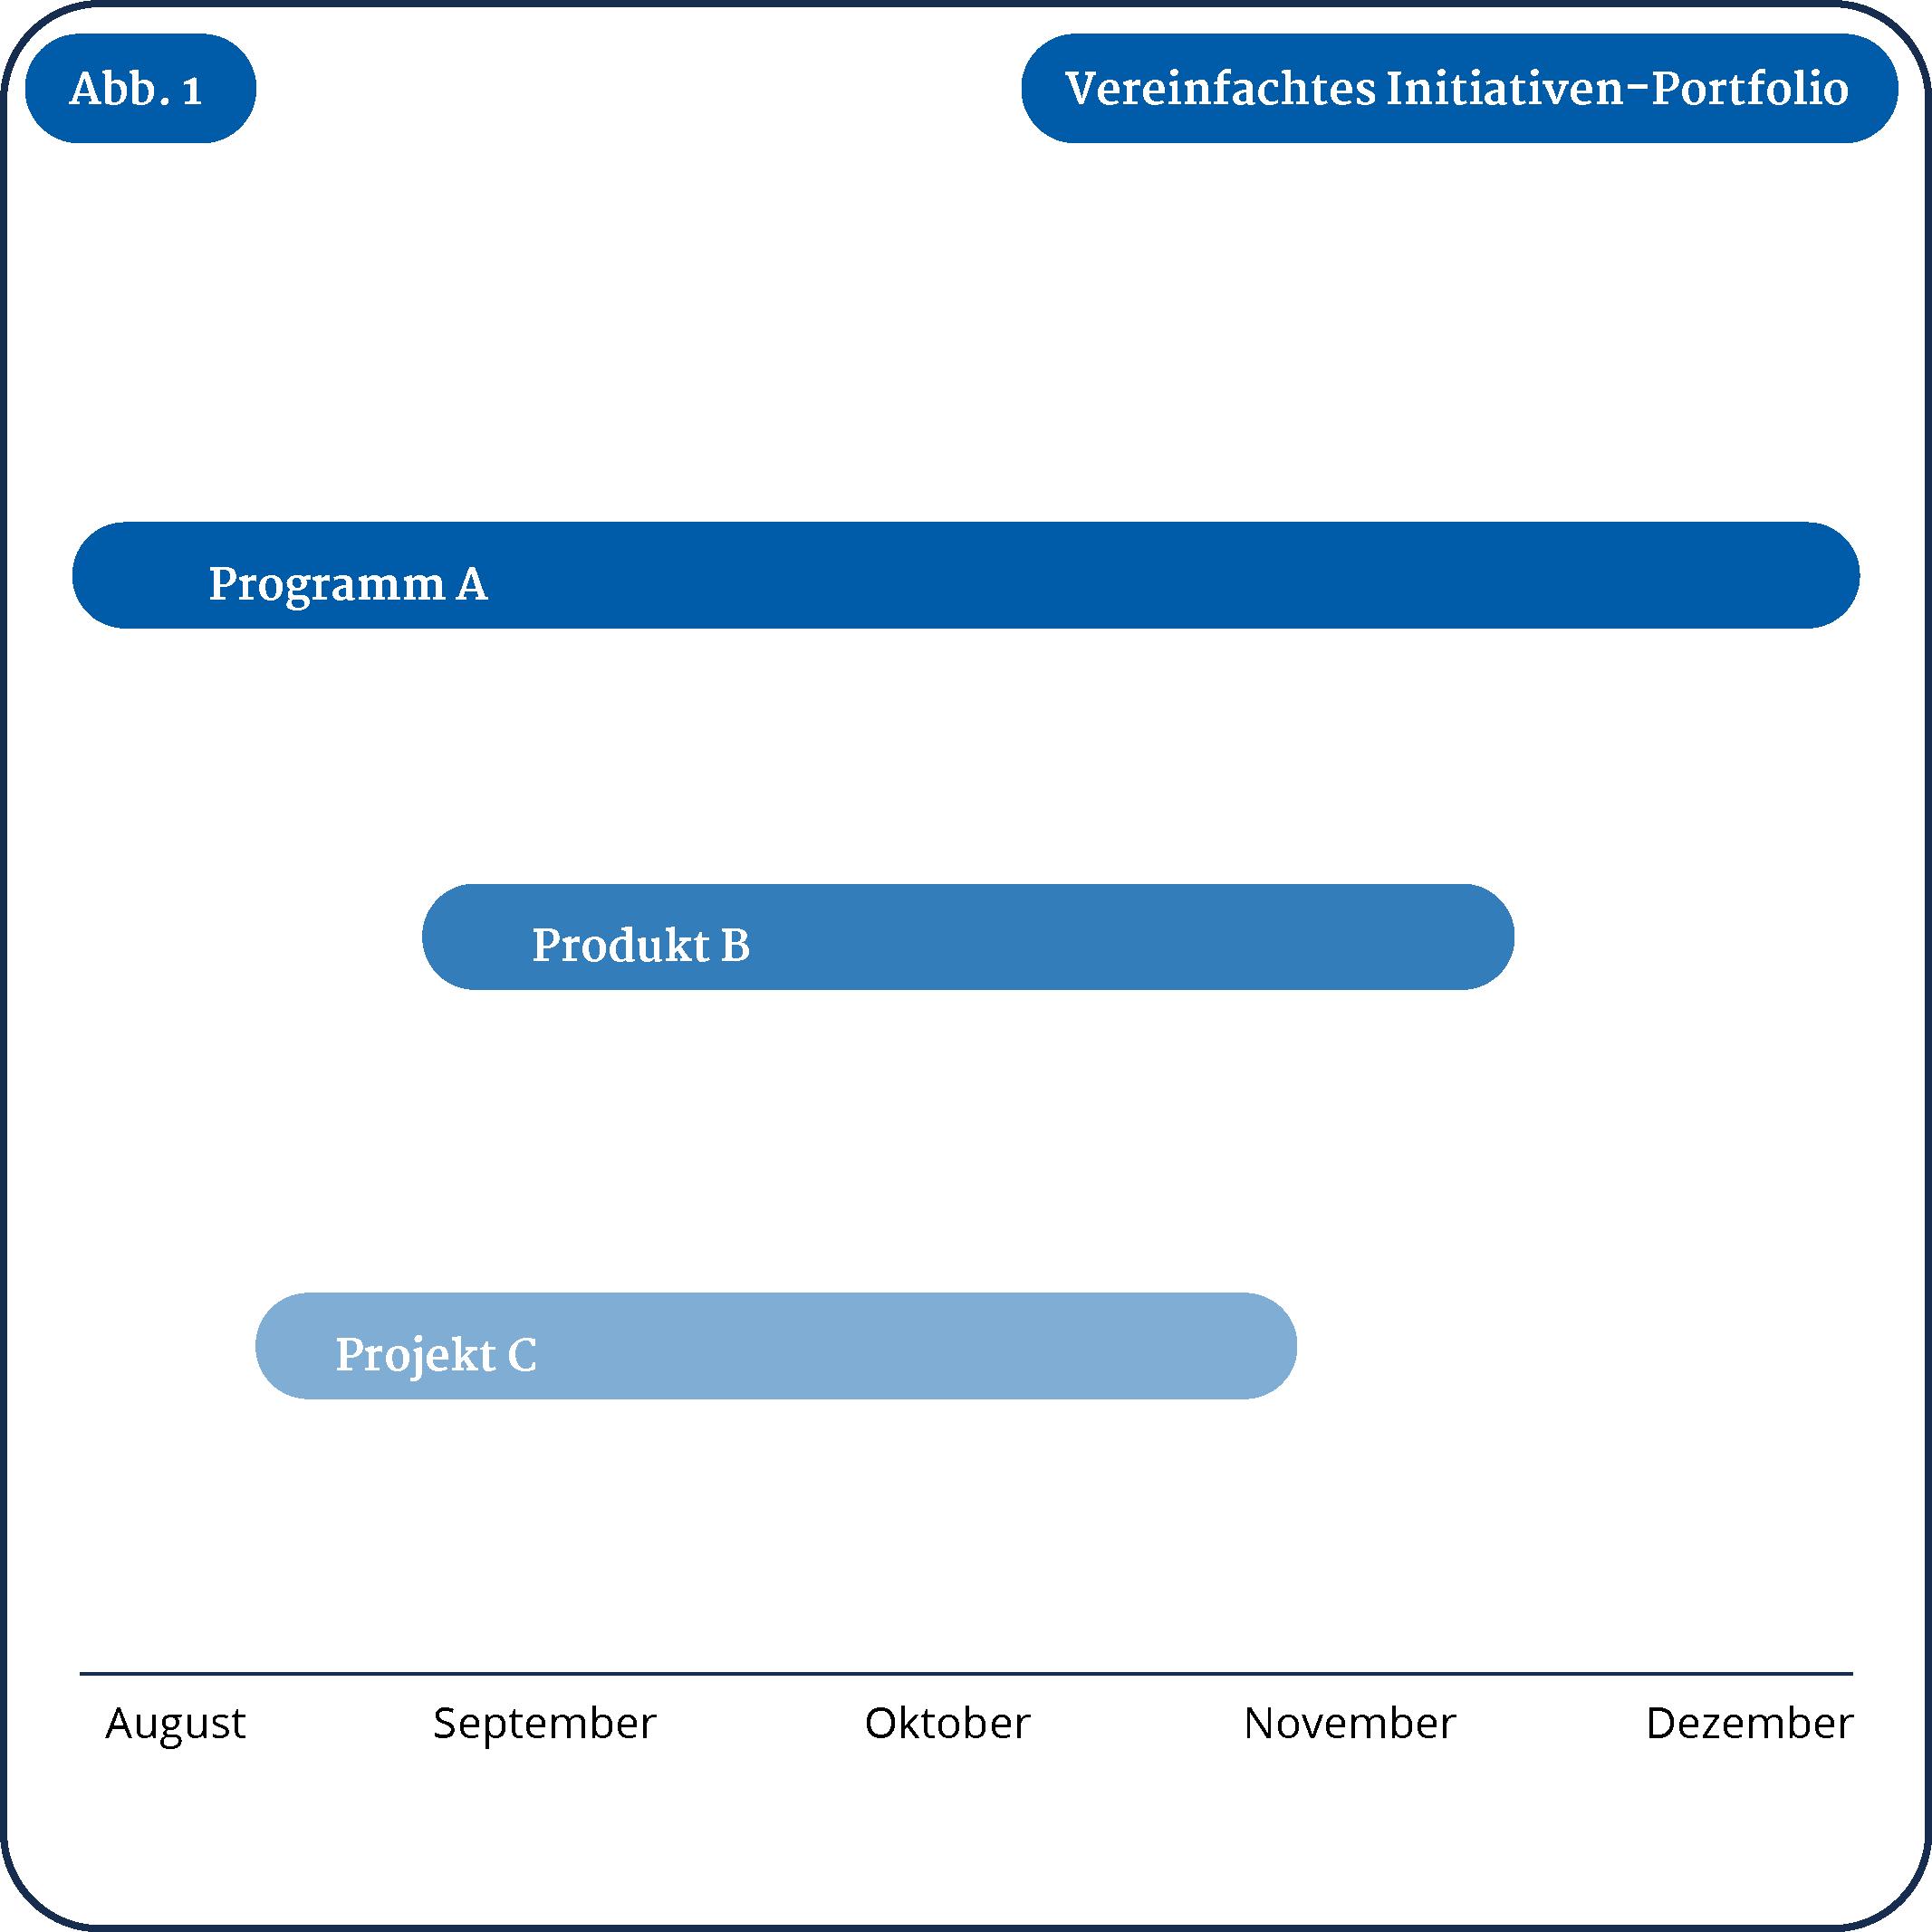 Vereinfachtes Initiativ-Portfolio